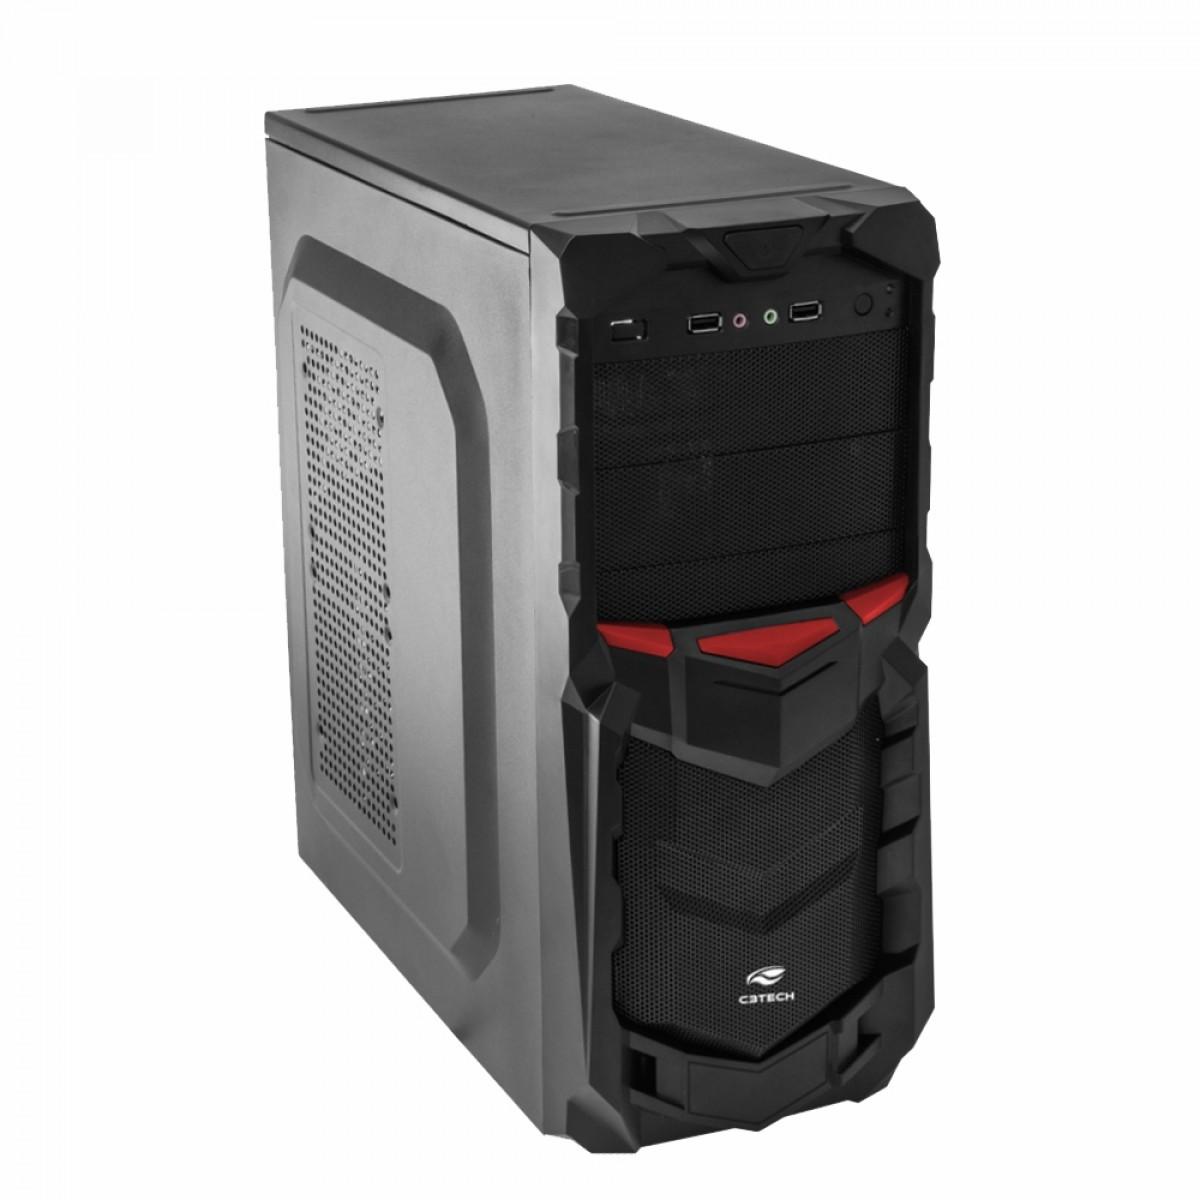 Computador Pauta Gamer Conquest T-MOBA Ryzen 5 3500/ 8GB / 240GB SSD / FREEDOS / RADEON RX 550 4GB DDR5